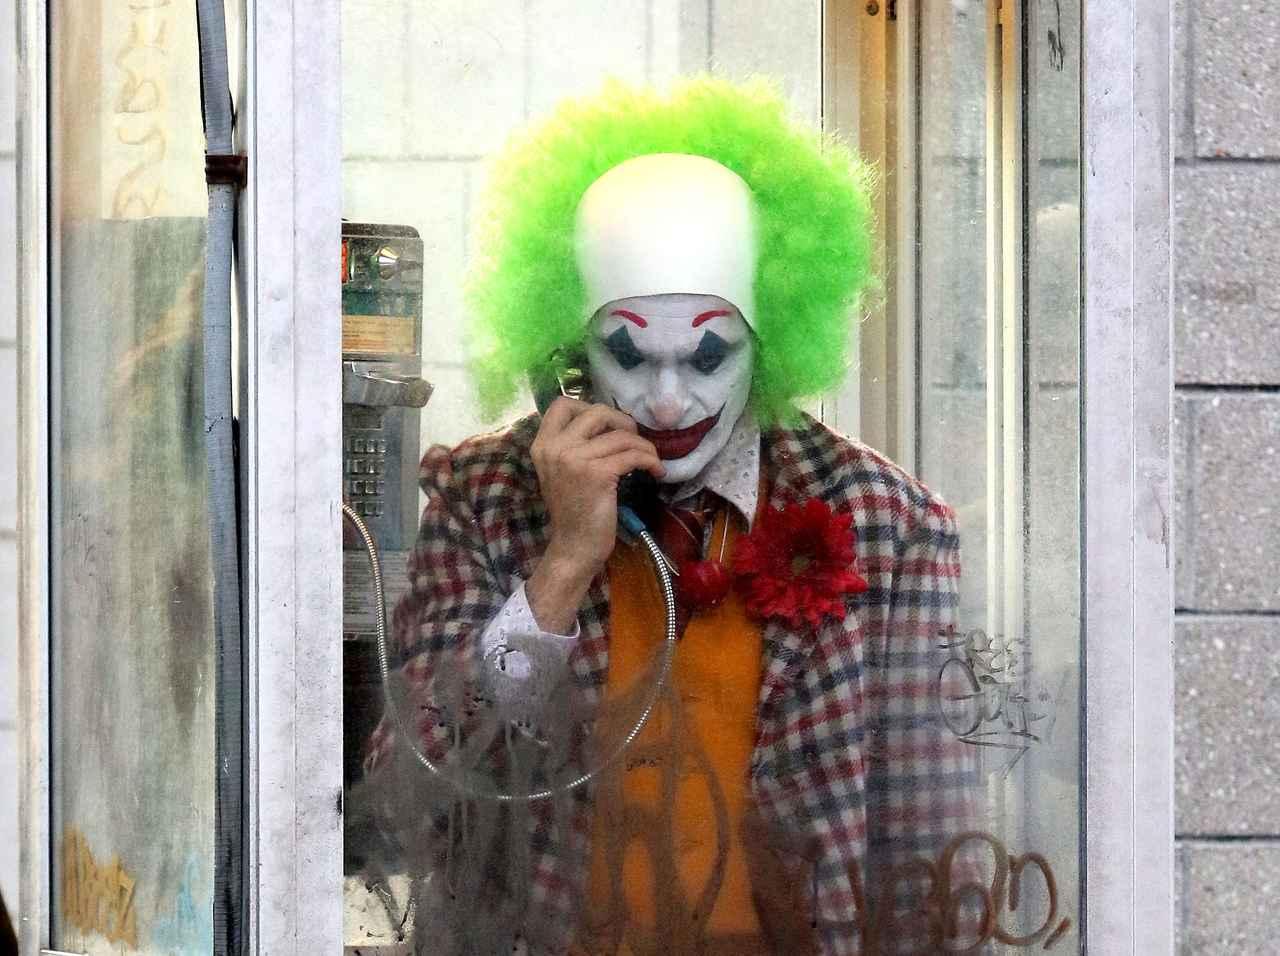 ジョーカー』の\u201c殺人シーン\u201dで「拍手と歓声」続けた男性、映画館